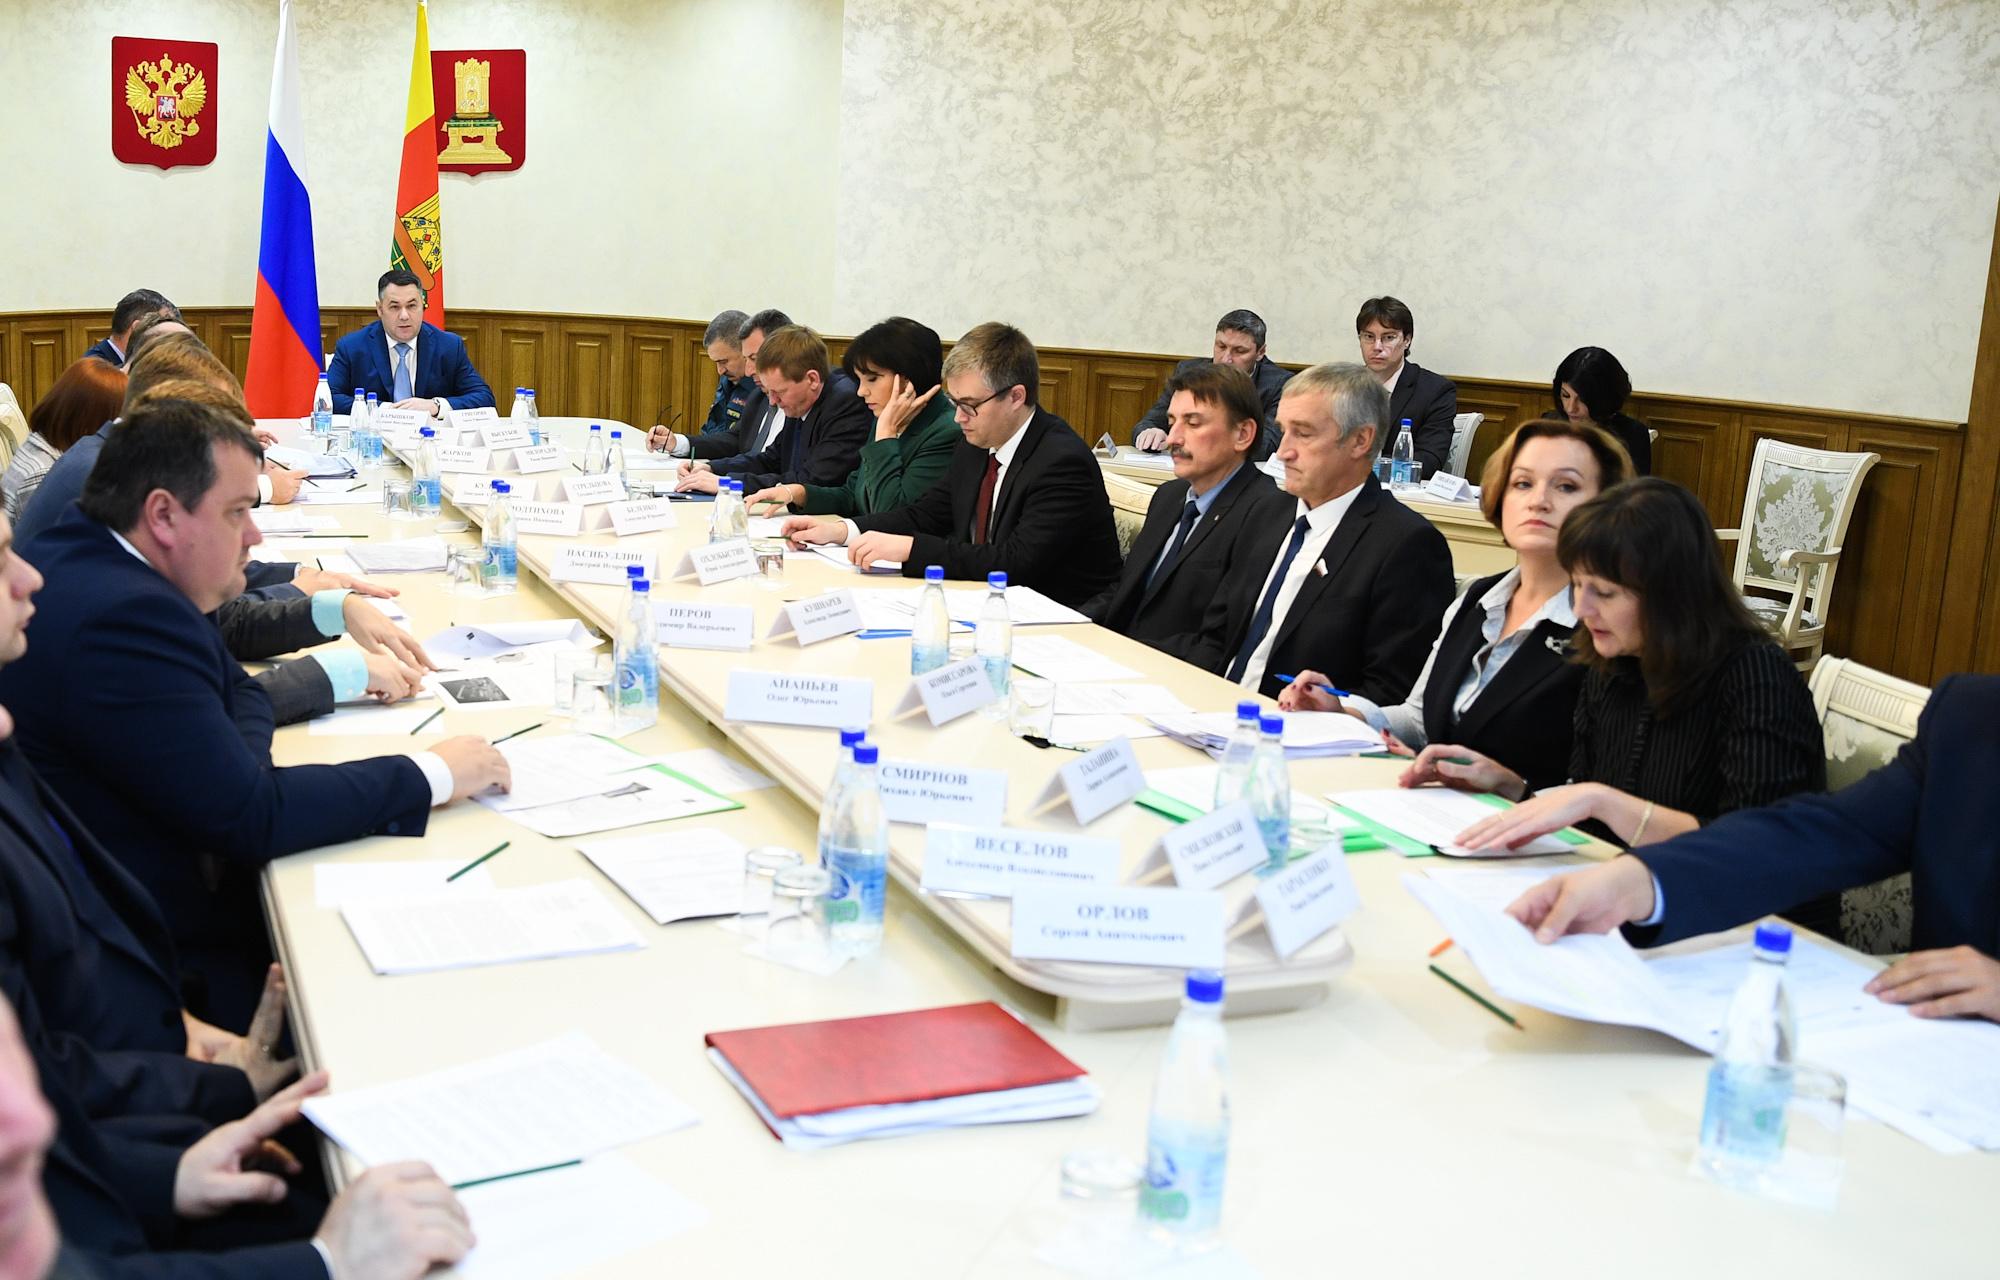 На заседании Правительства Тверской области рассмотрят вопросы проведения закупок товаров, работ и услуг органами госвласти региона